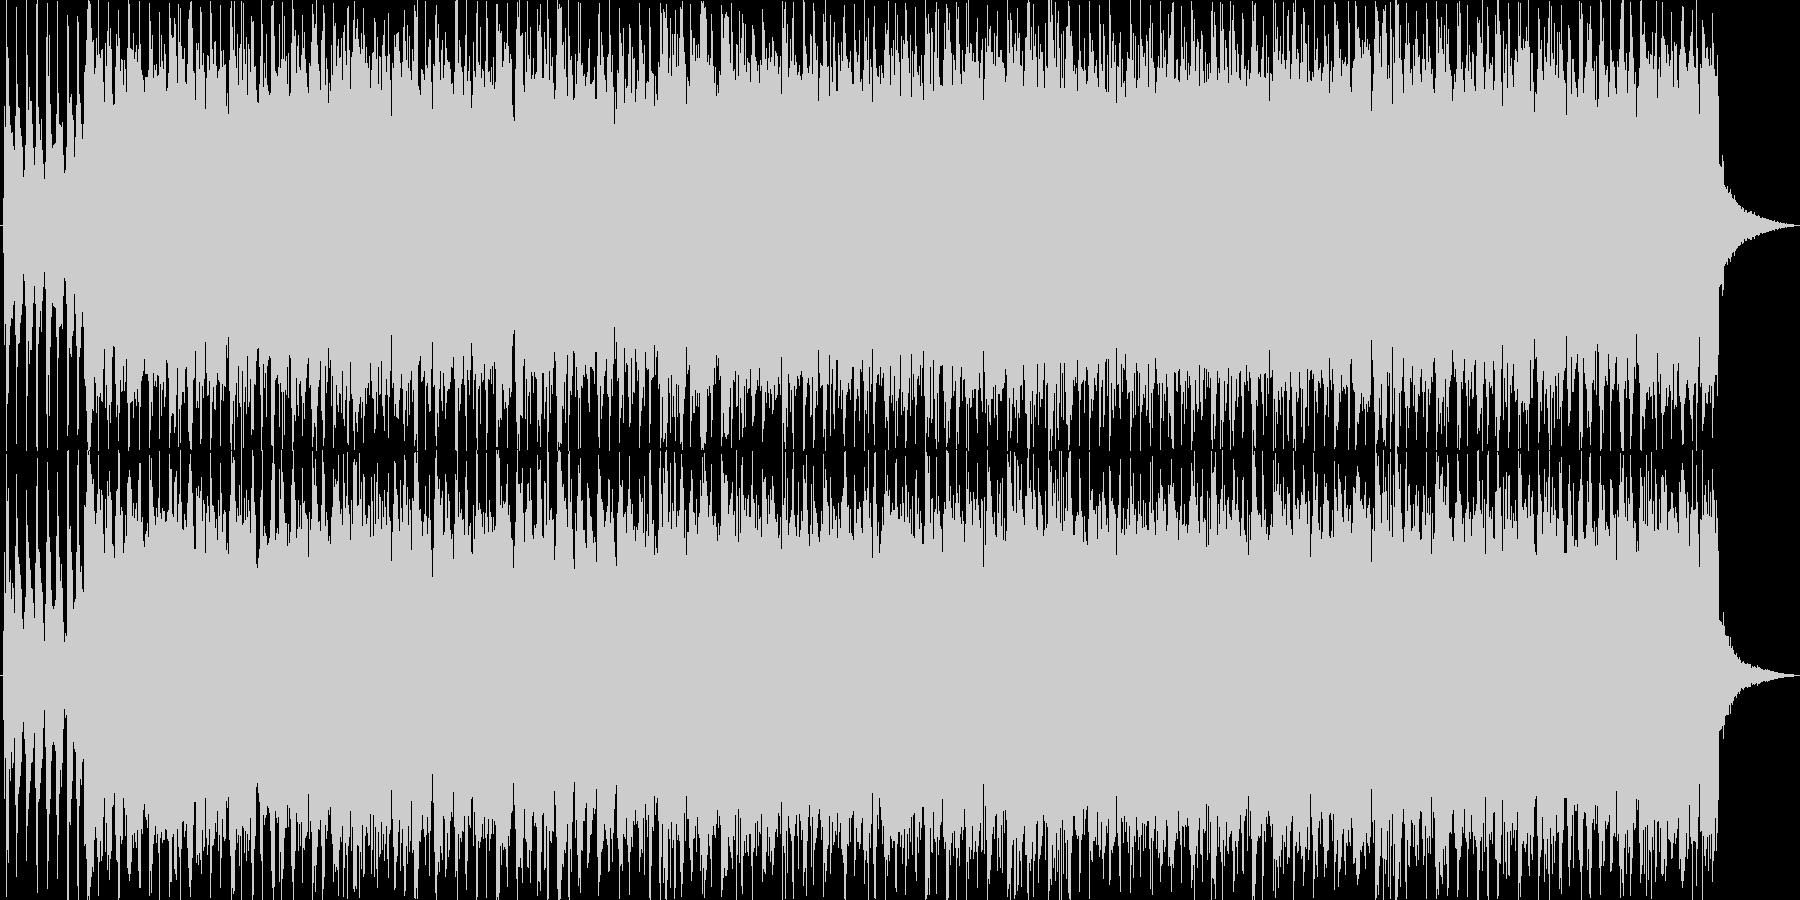 短縮verシューベルト「楽興の時」ロックの未再生の波形